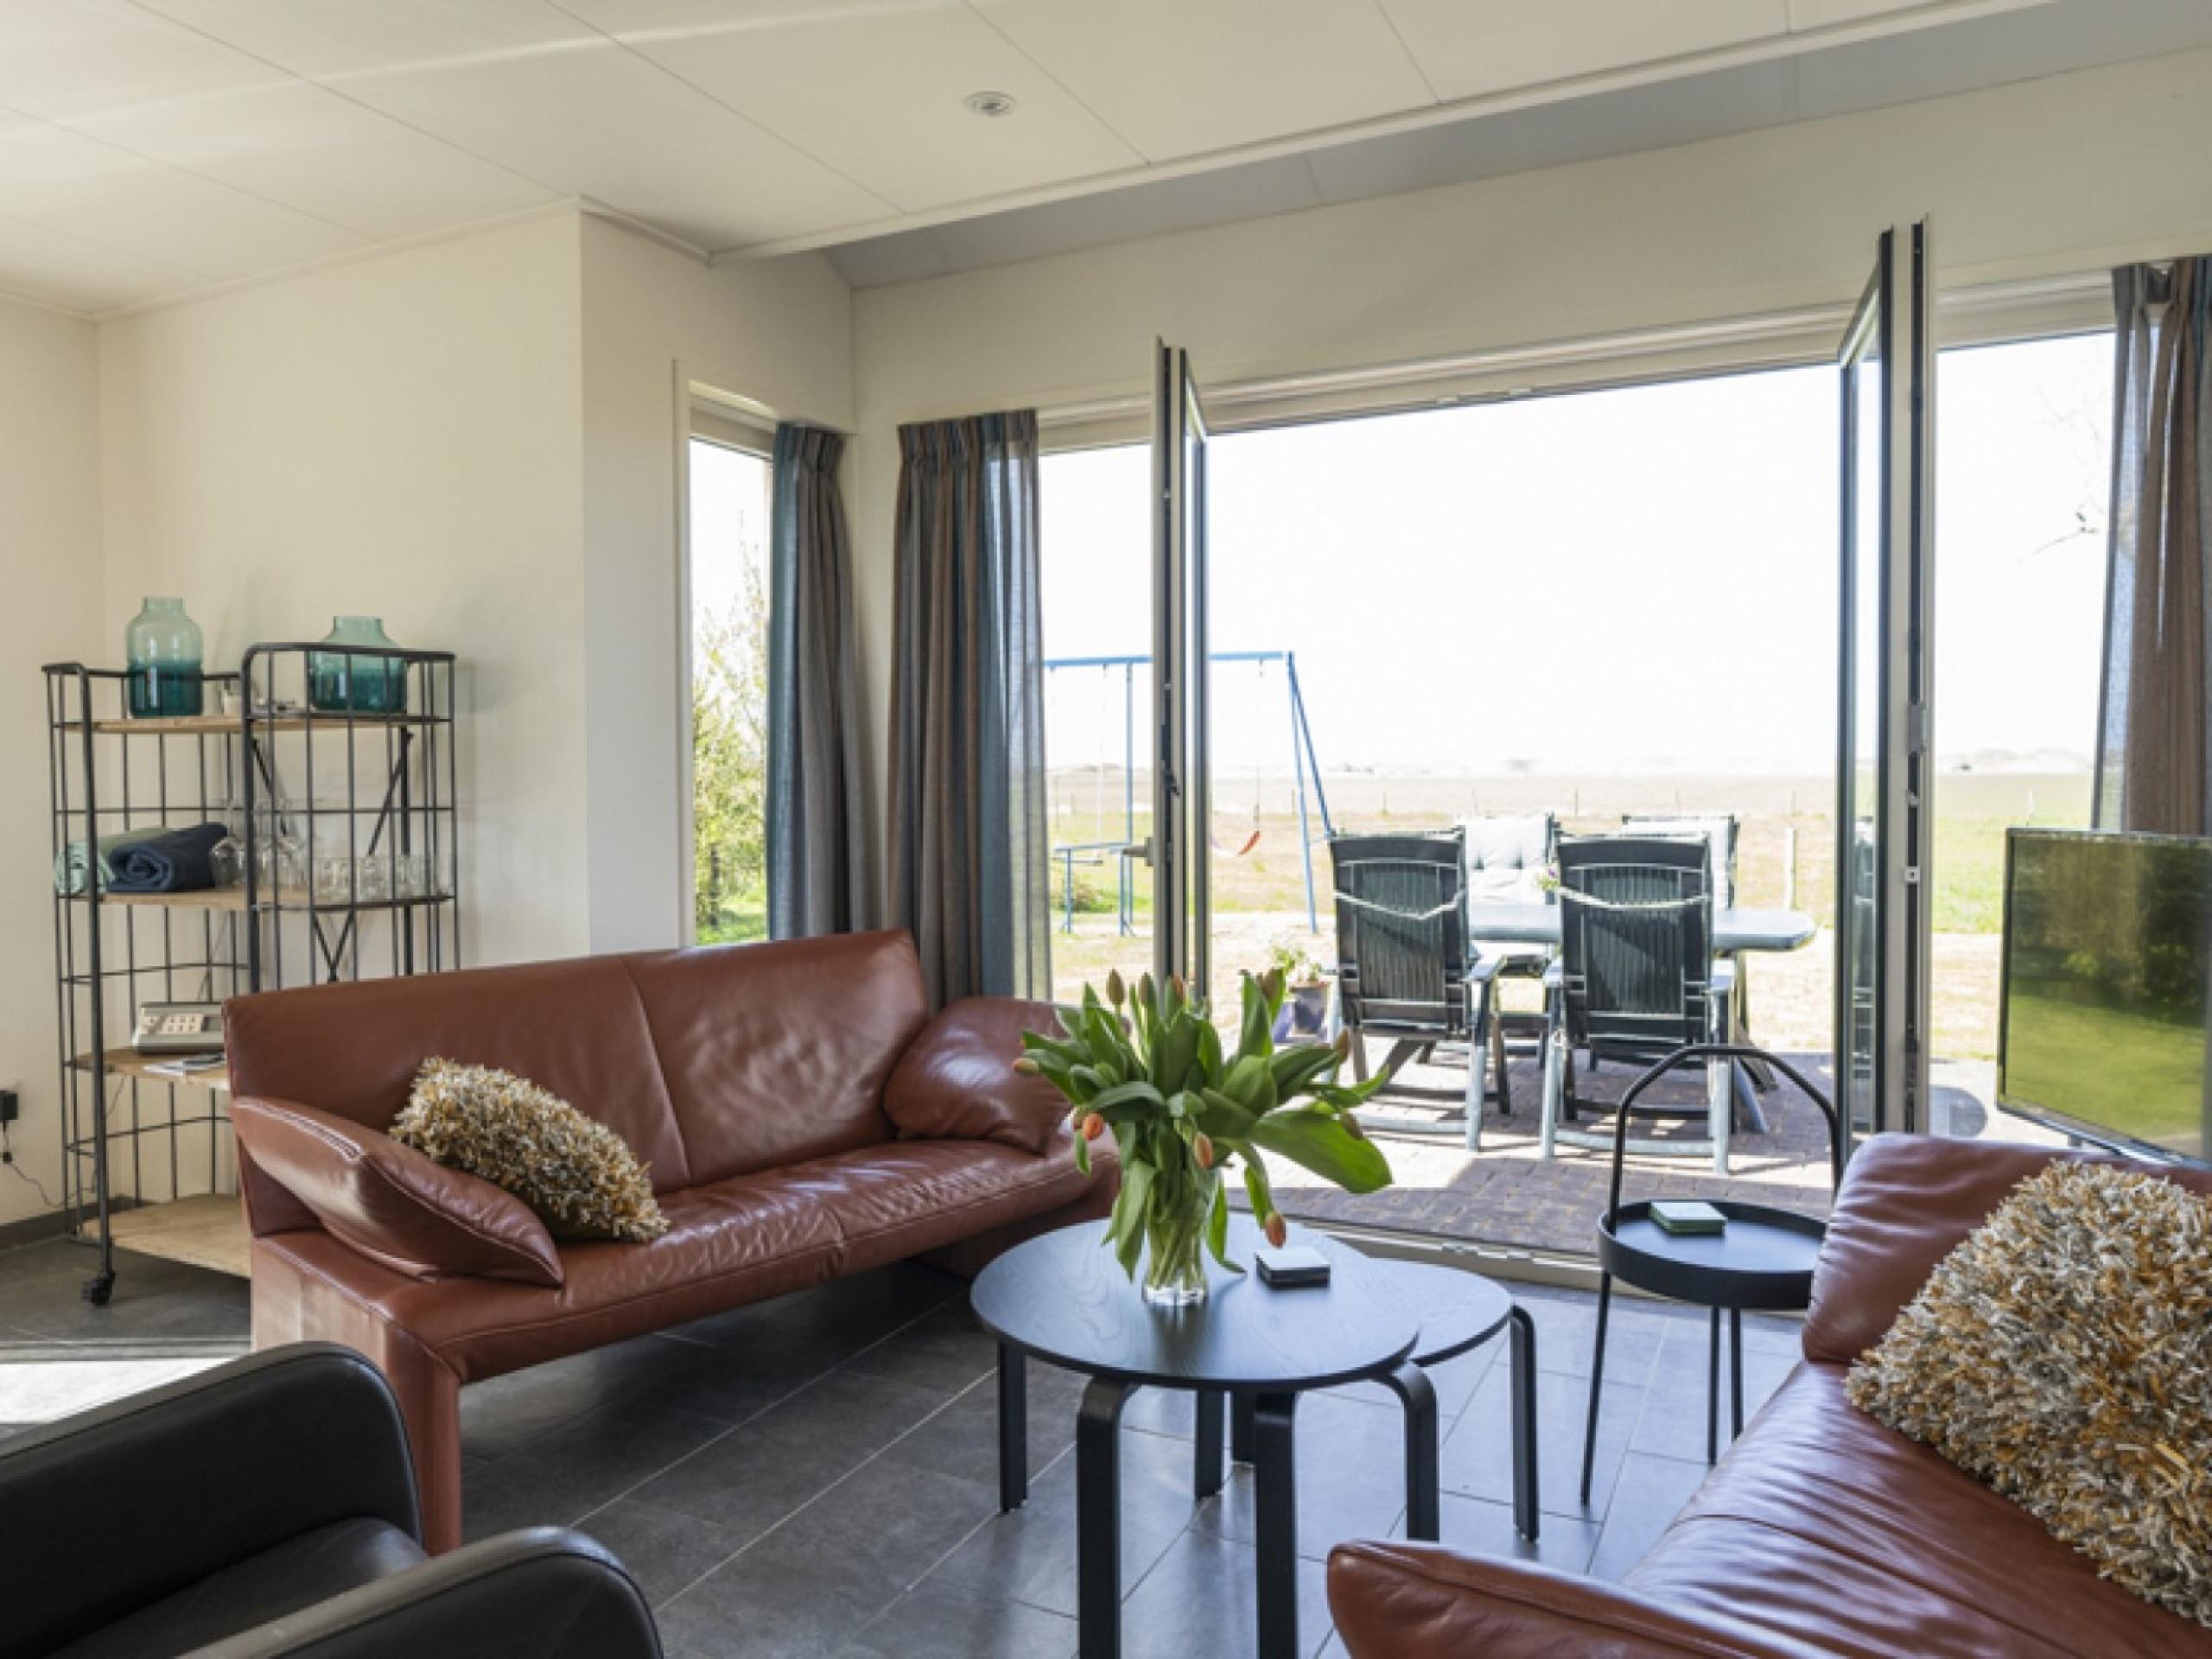 Komfortables freistehendes Ferienhaus in Süd-Eierland mit freiem Blick über die Wiesen bis zum Muy